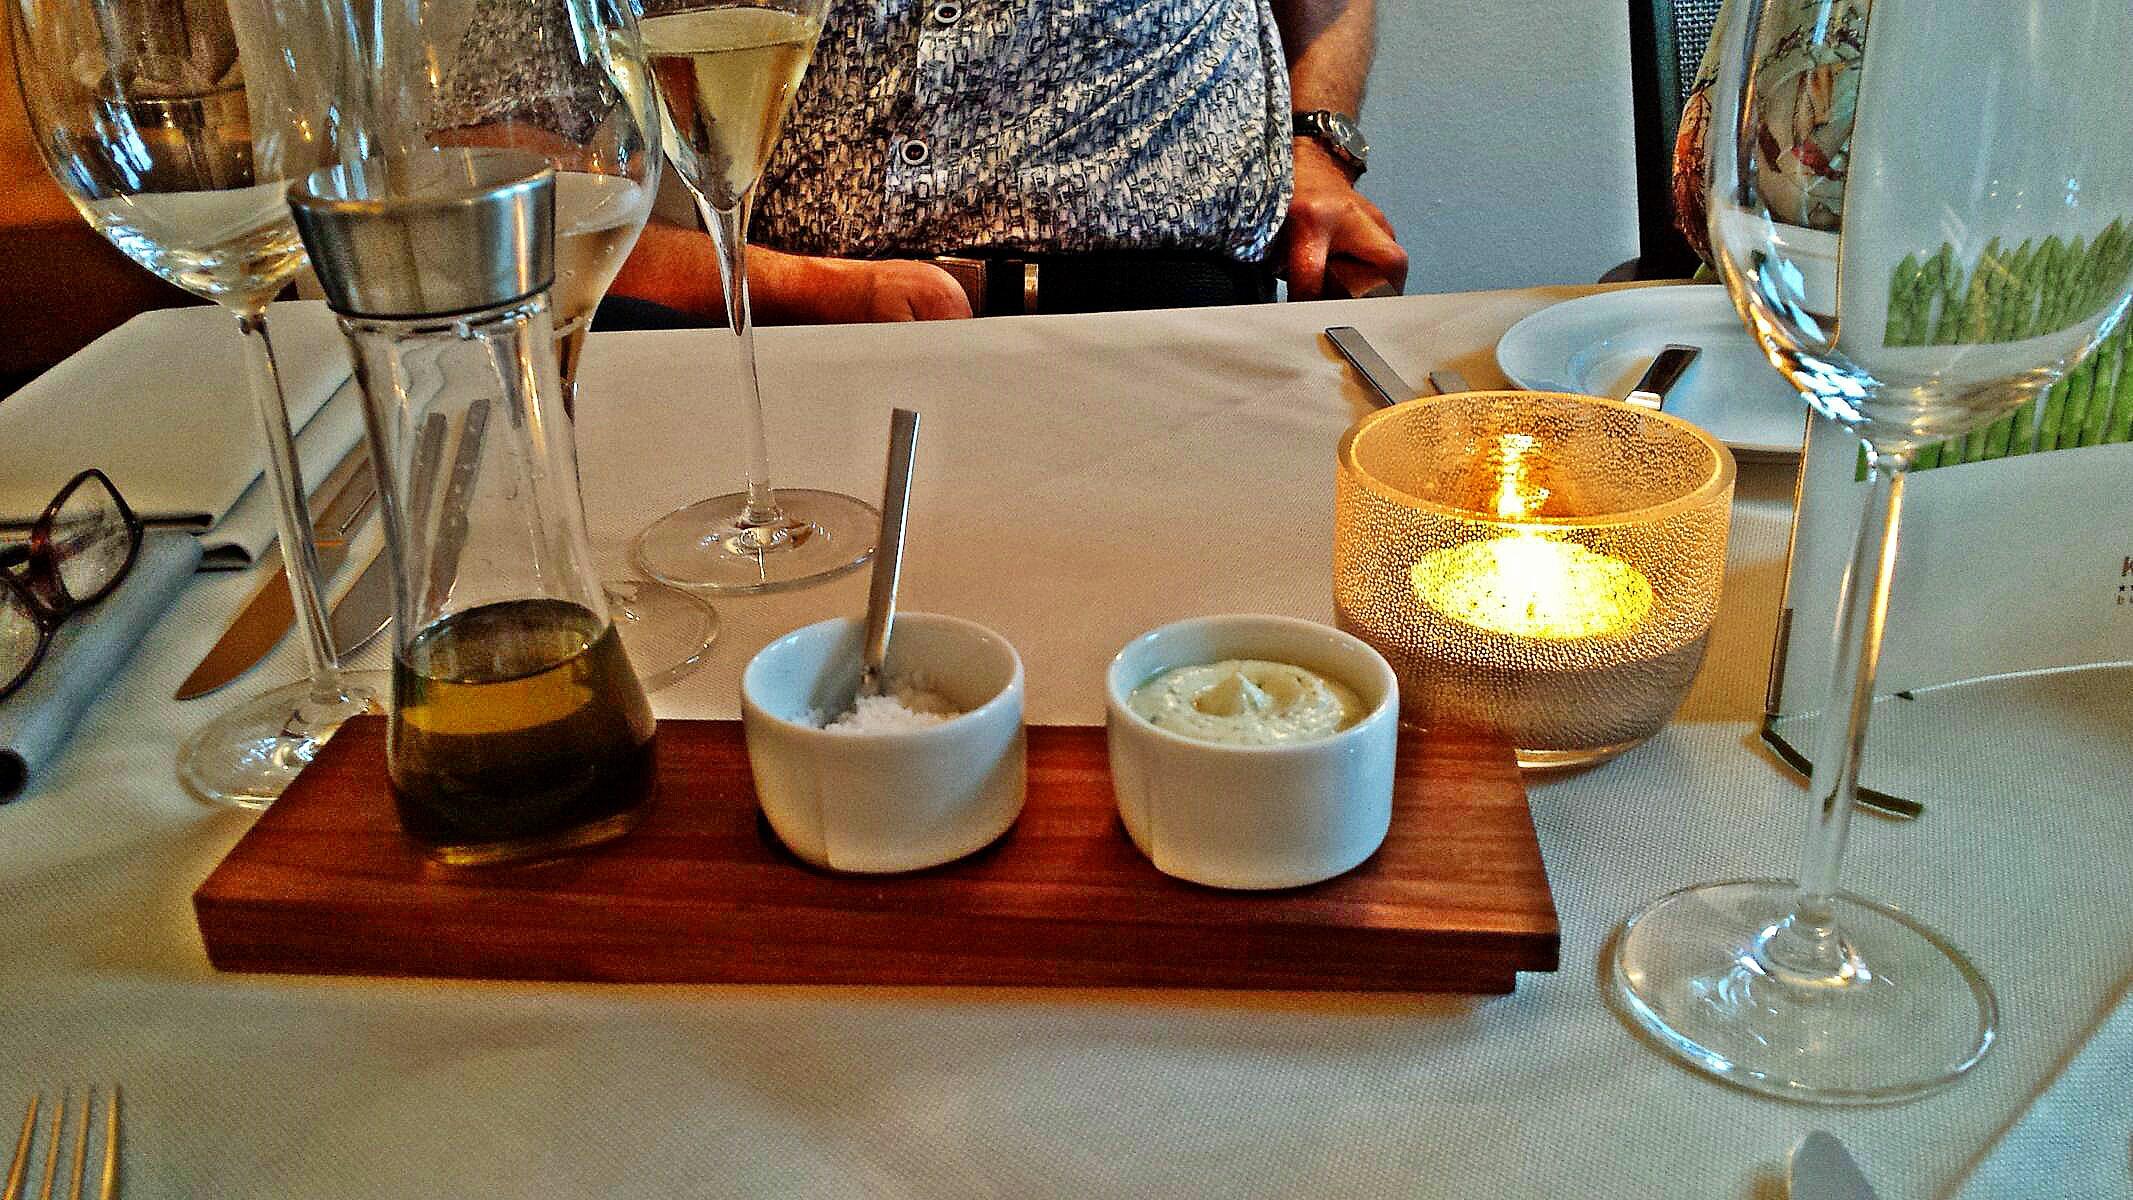 Öl, Fleur de sel, Kräutercreme